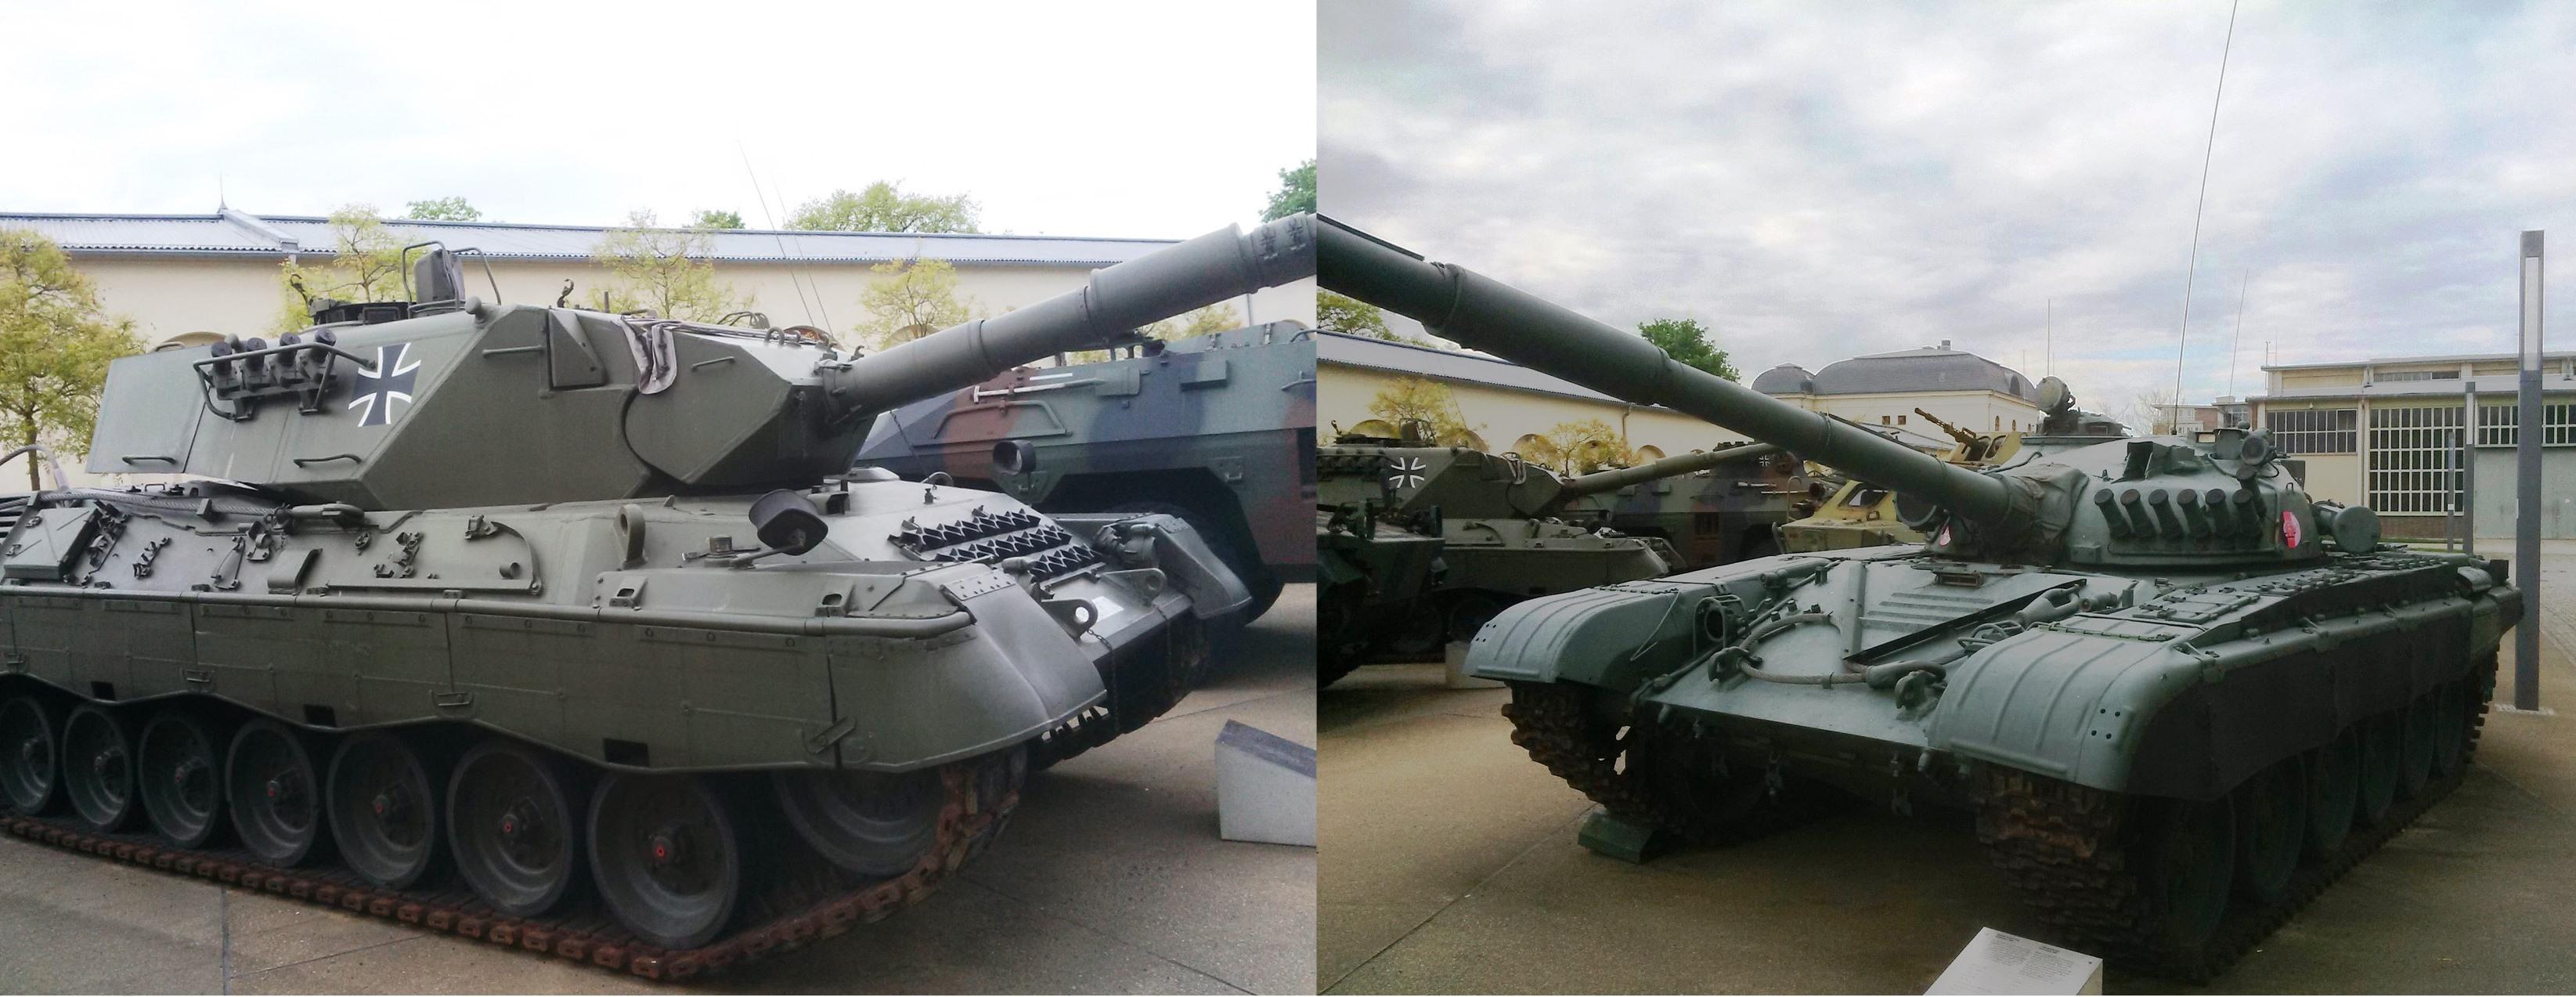 Východ versus západ? V 80. letech to byli Leopard a T-72. Foto. P. Mach